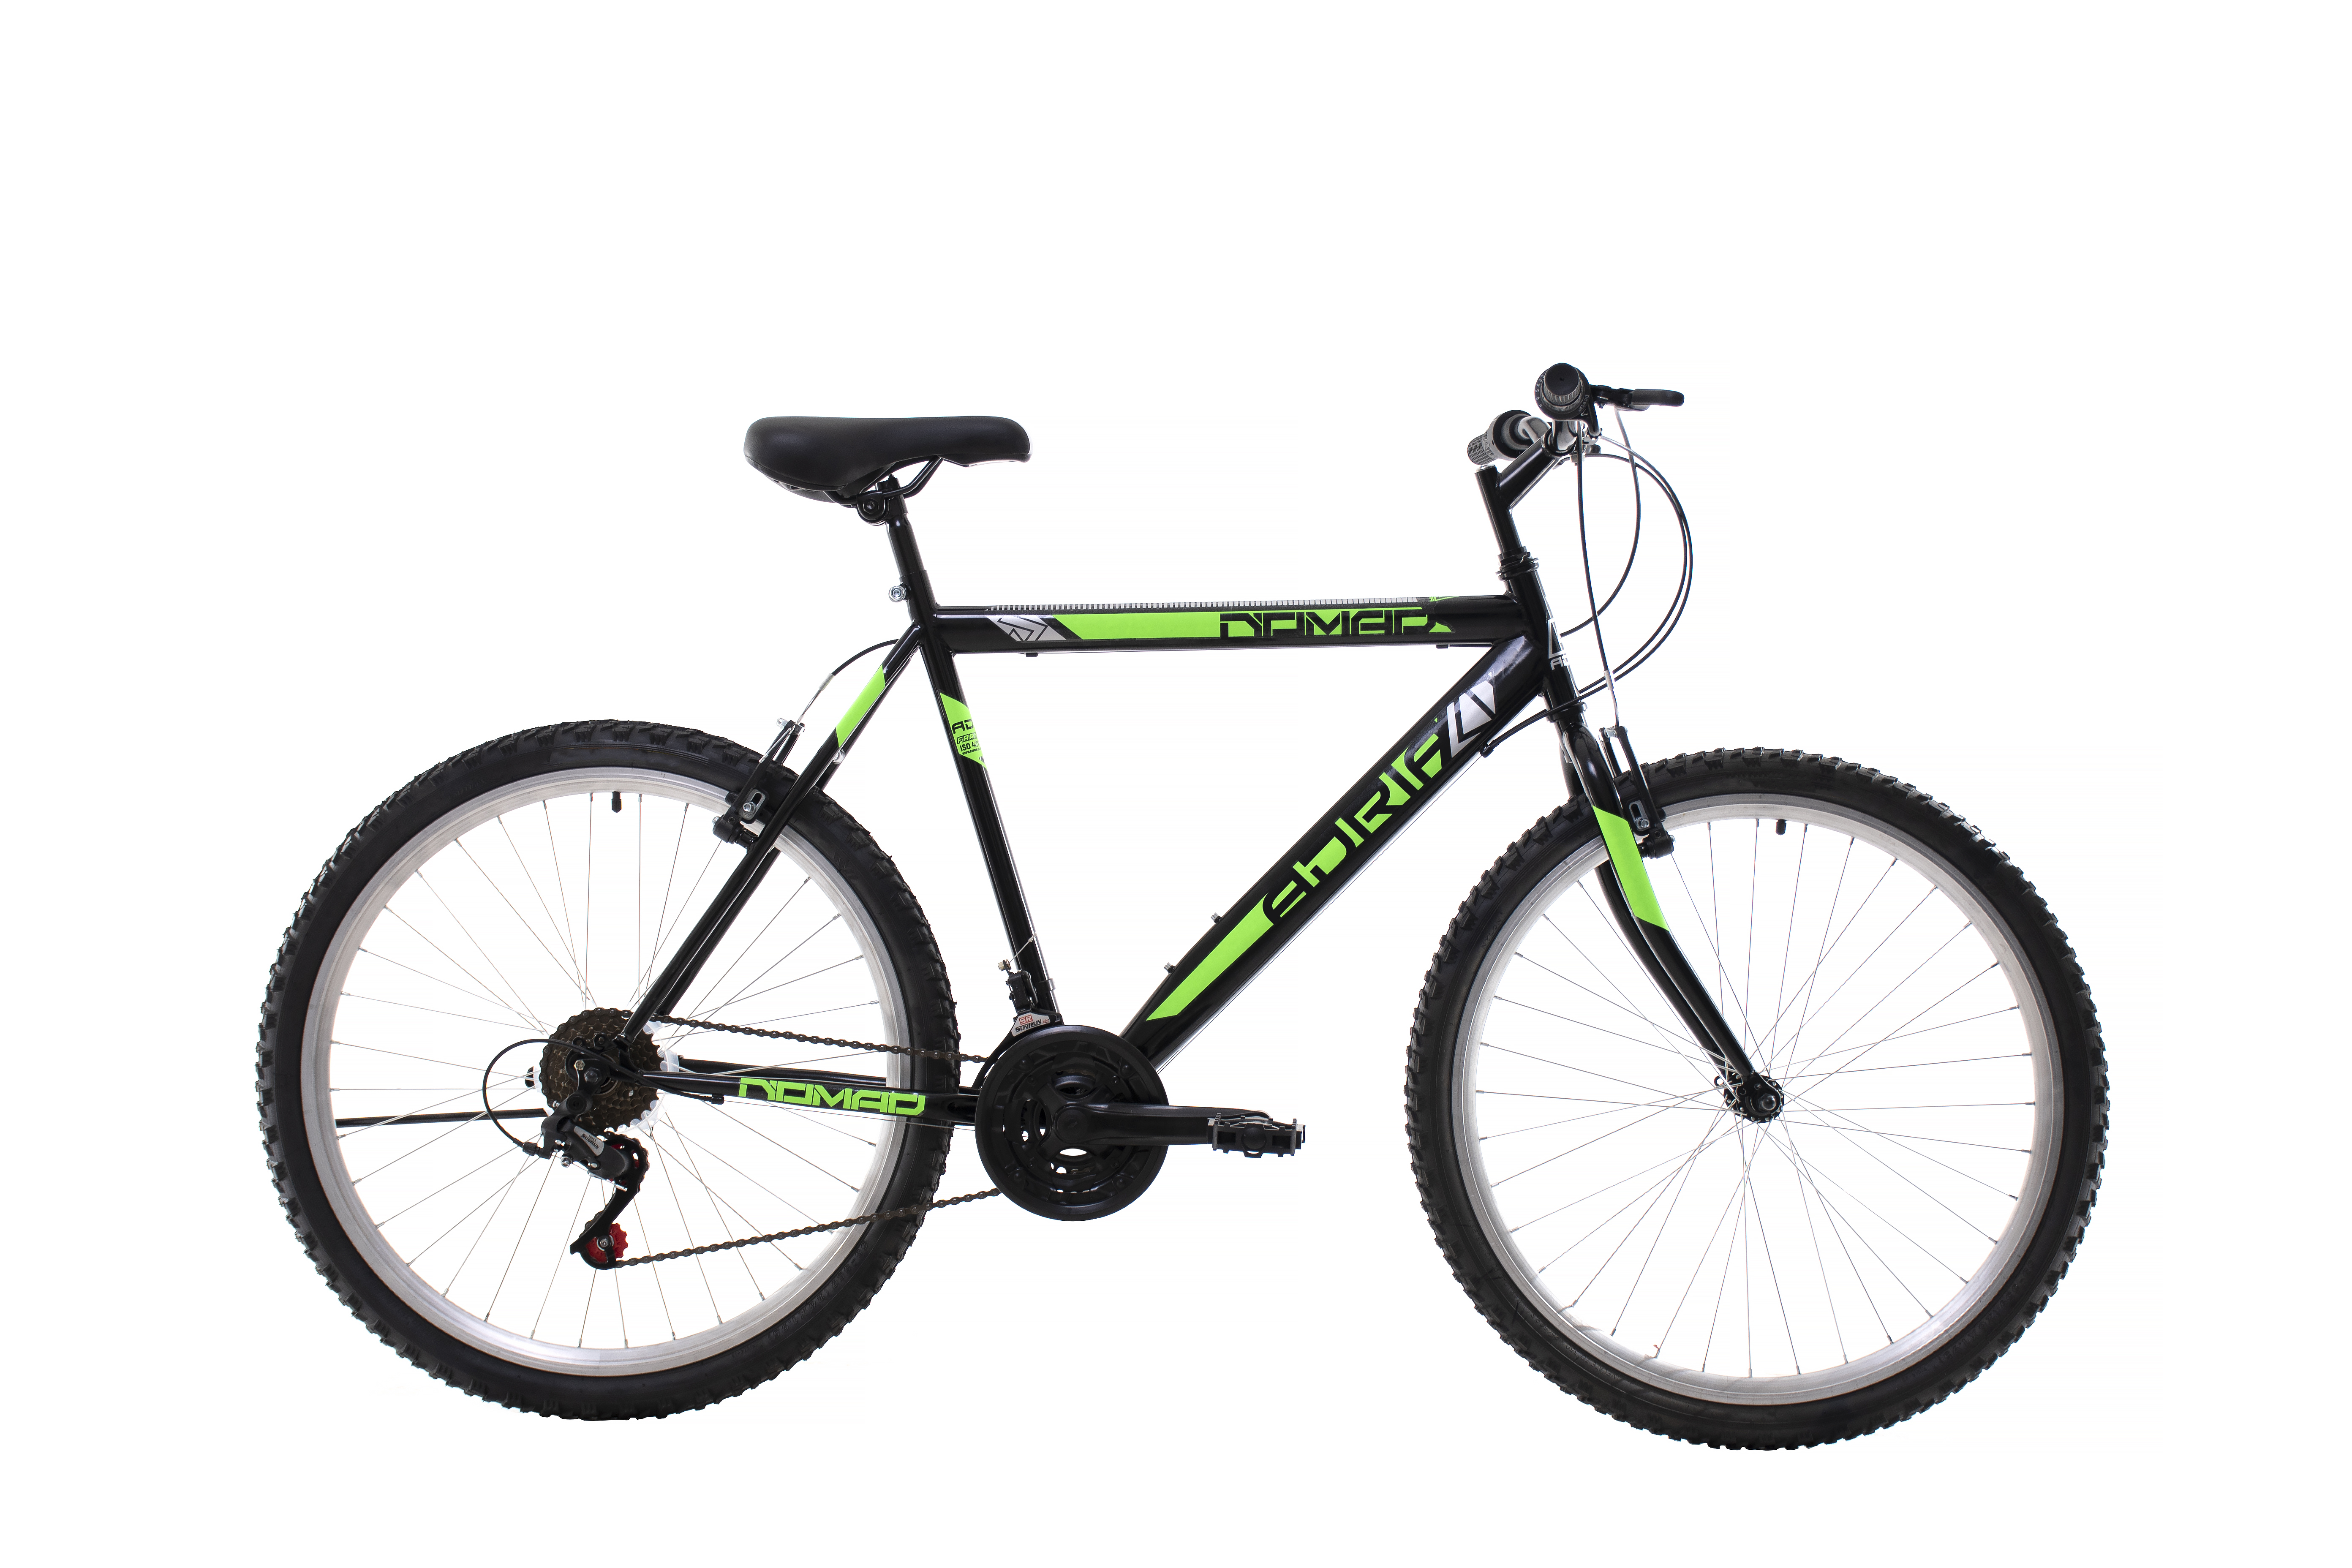 bicikl-adria-nomad-26-crno-zeleno-2020